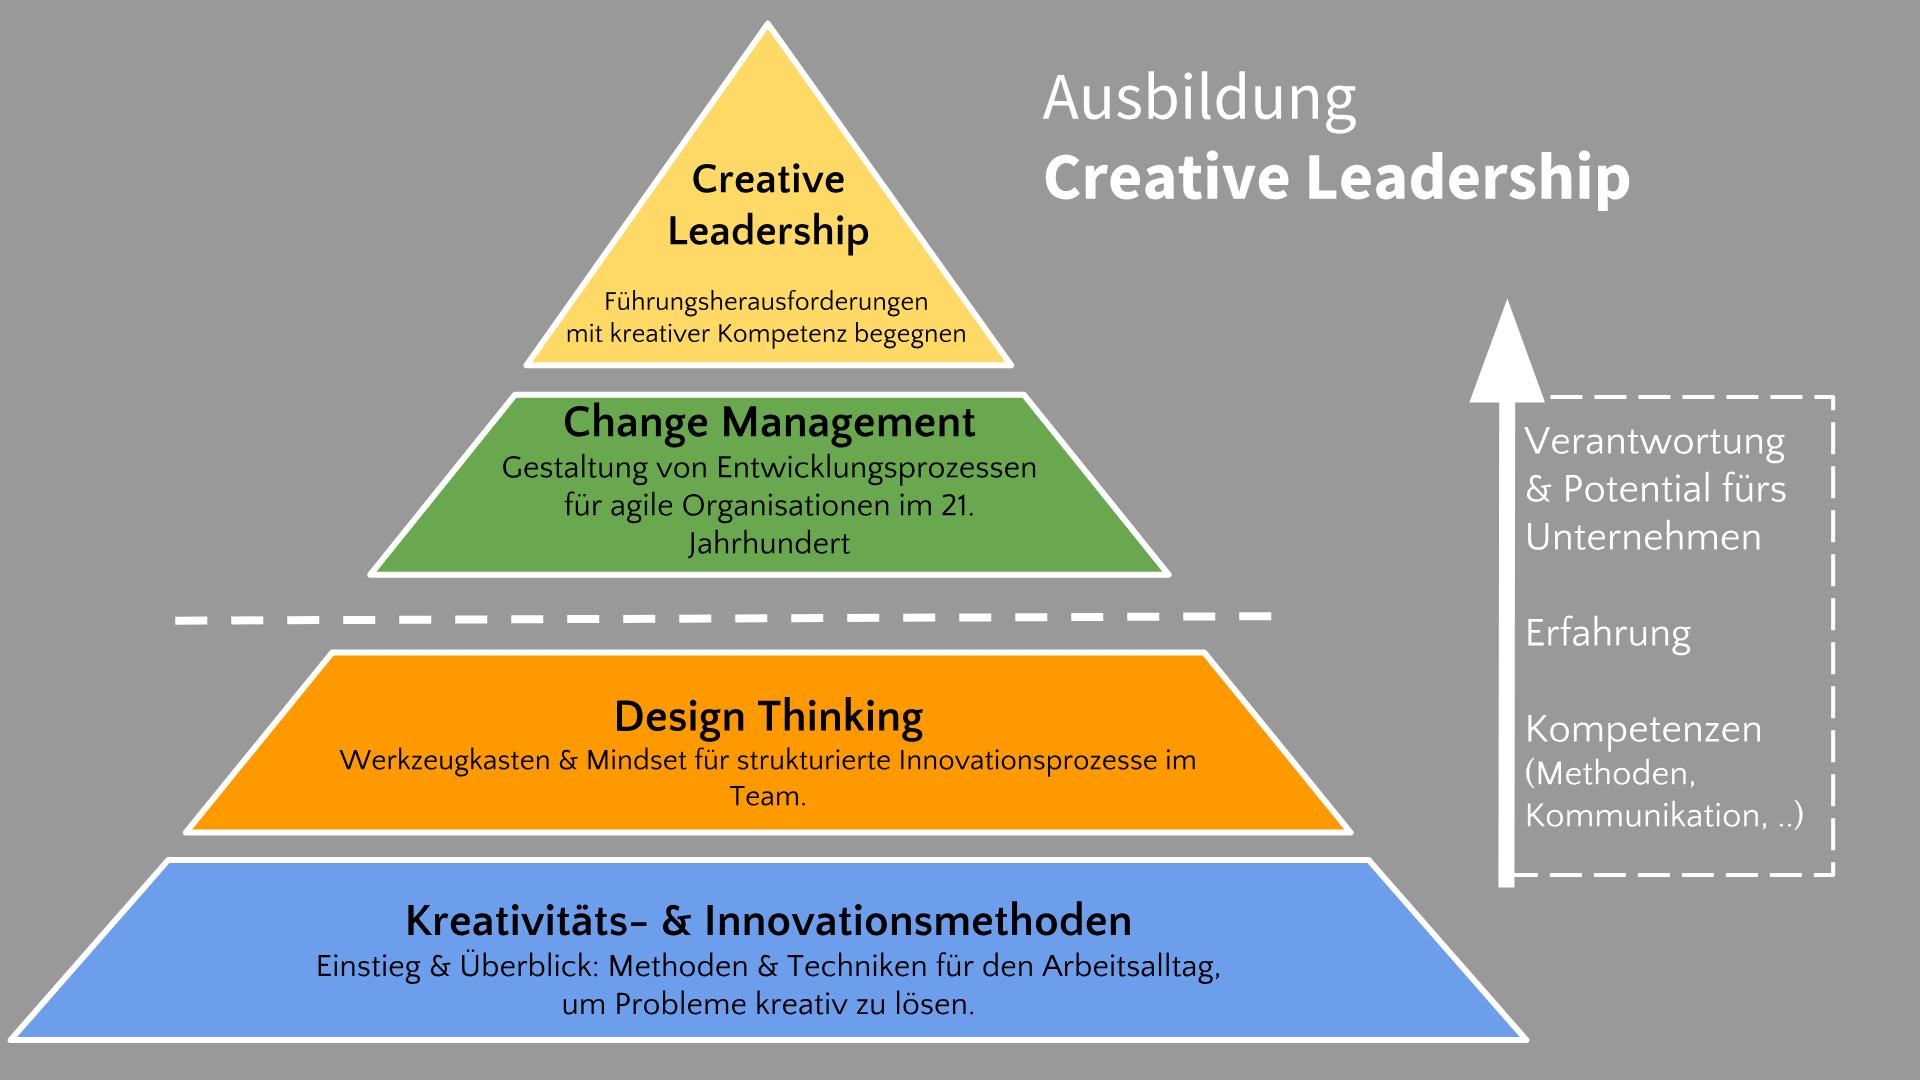 creative-leadership-ausbildung-weiterbildung.png